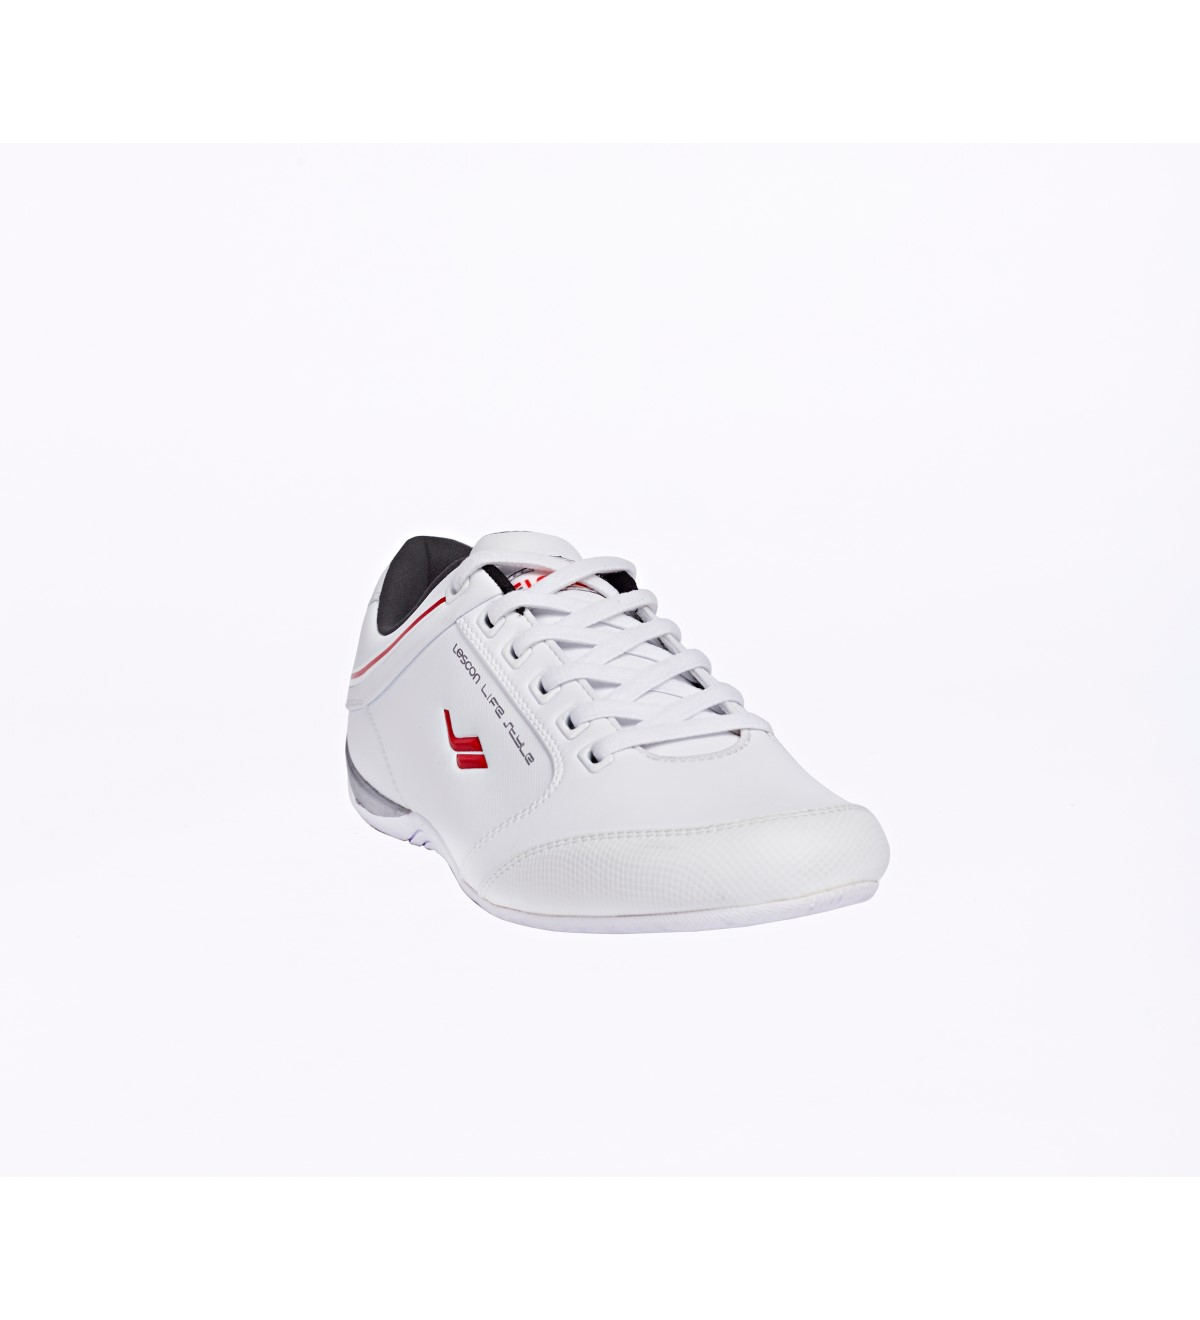 أحذية لايف ستايل  الرياضةماركة ليسكون-L 4558